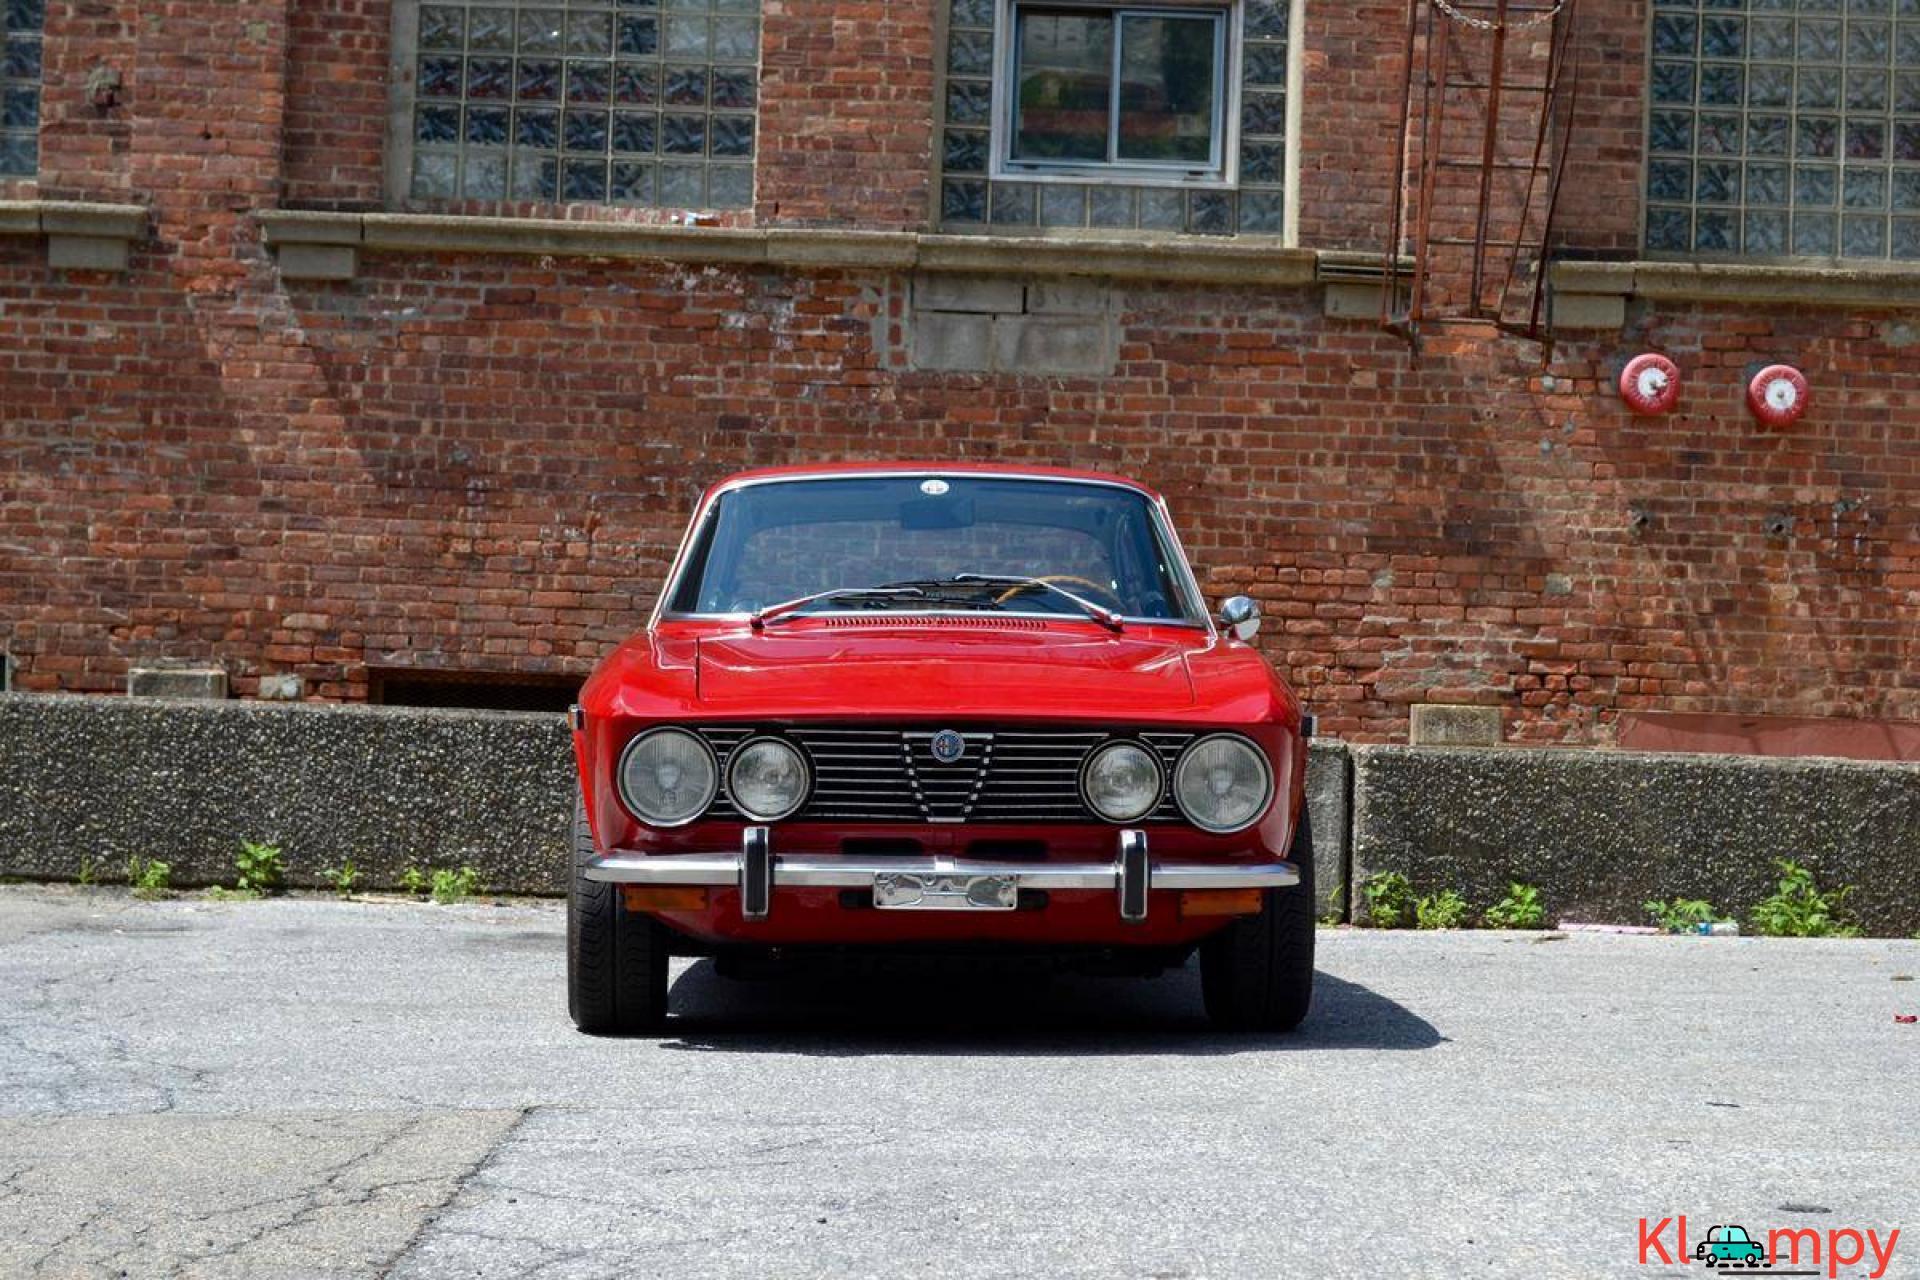 Alfa Romeo GTV 1975 kloompy com 108049